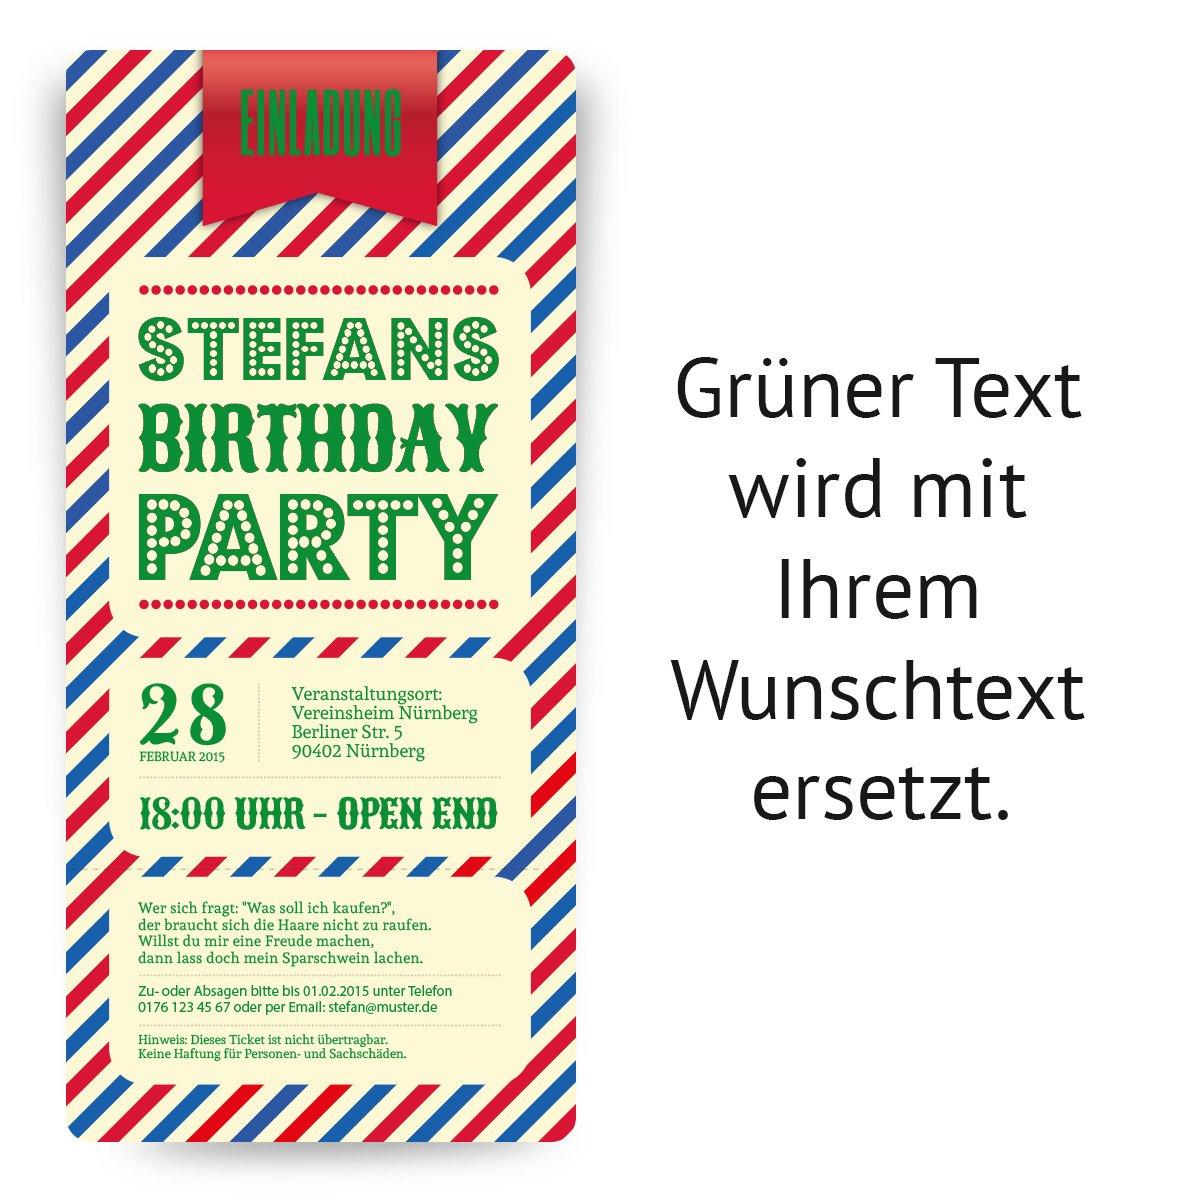 Einladungskarten Zum Geburtstag (10 Stück) Als Zirkus Ticket Eintrittskarte  Clown Jahrmarkt: Amazon.de: Bürobedarf U0026 Schreibwaren